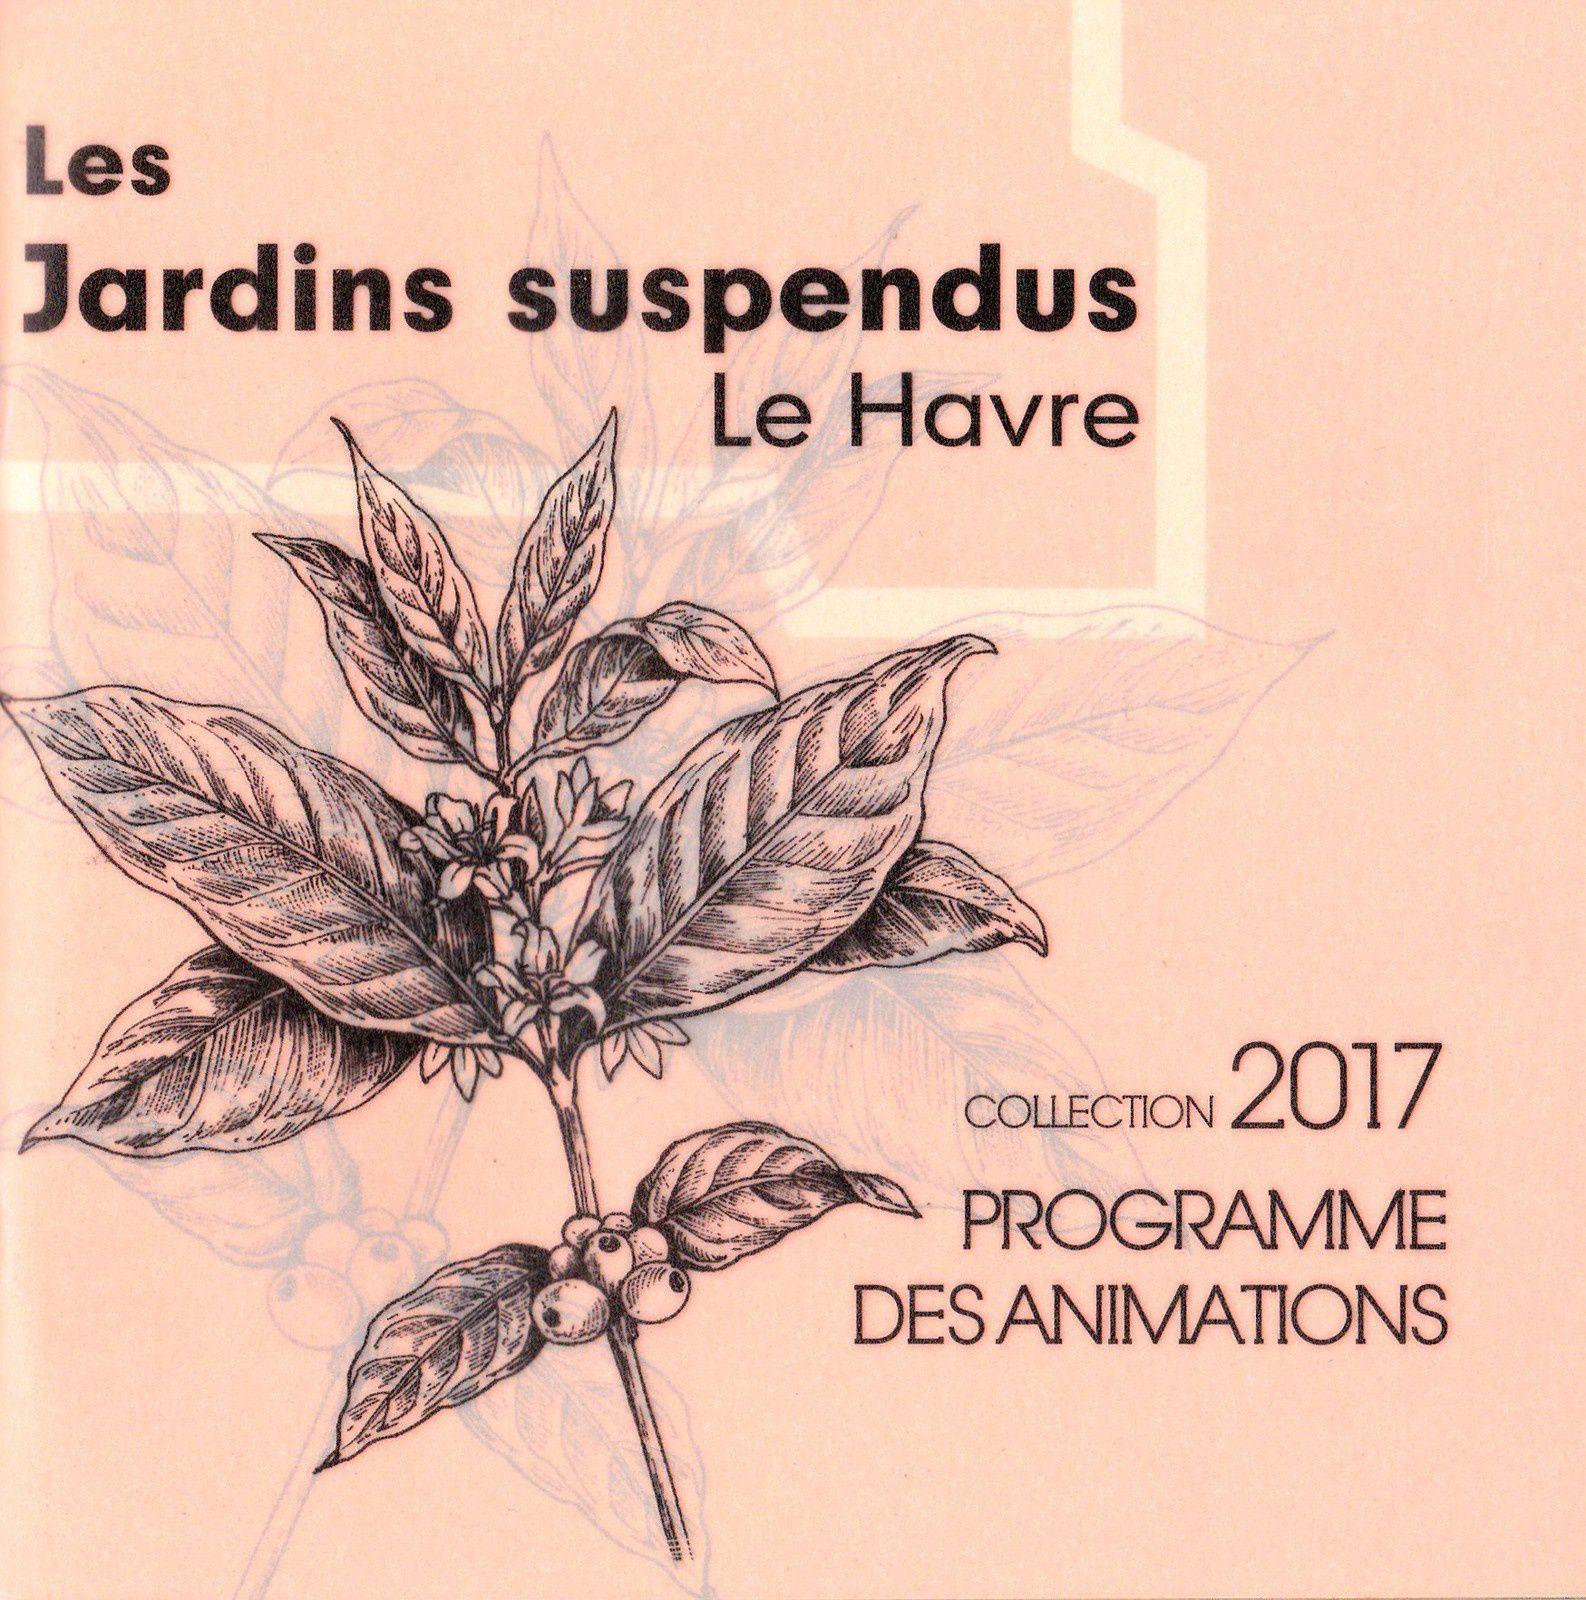 Couverture du  programme  2017 des Jardins suspendus du Havre